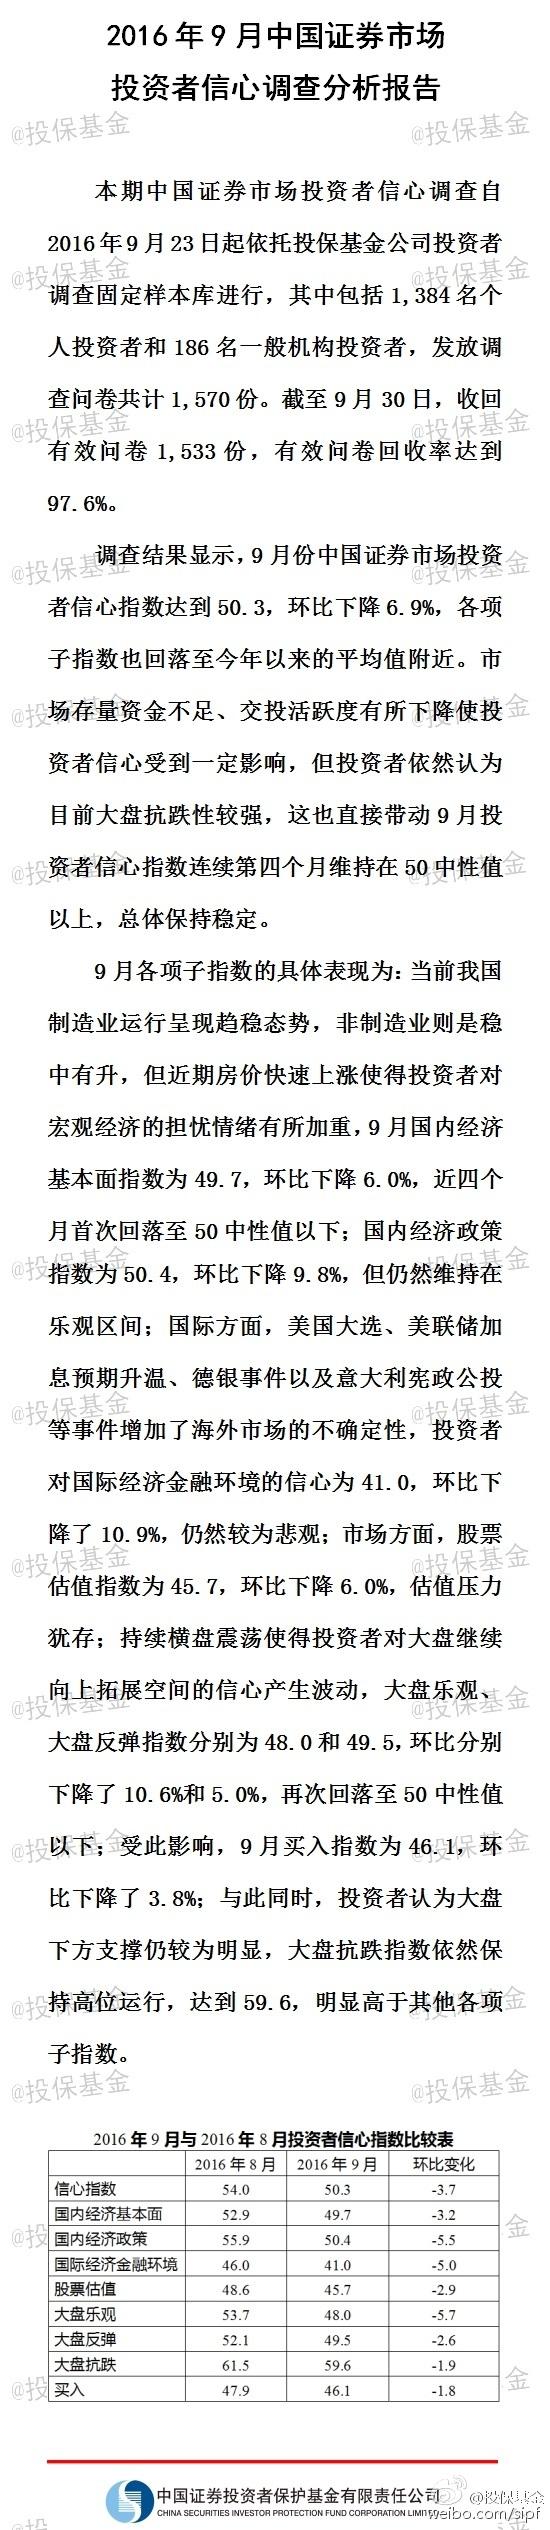 淘金银娱乐场首页